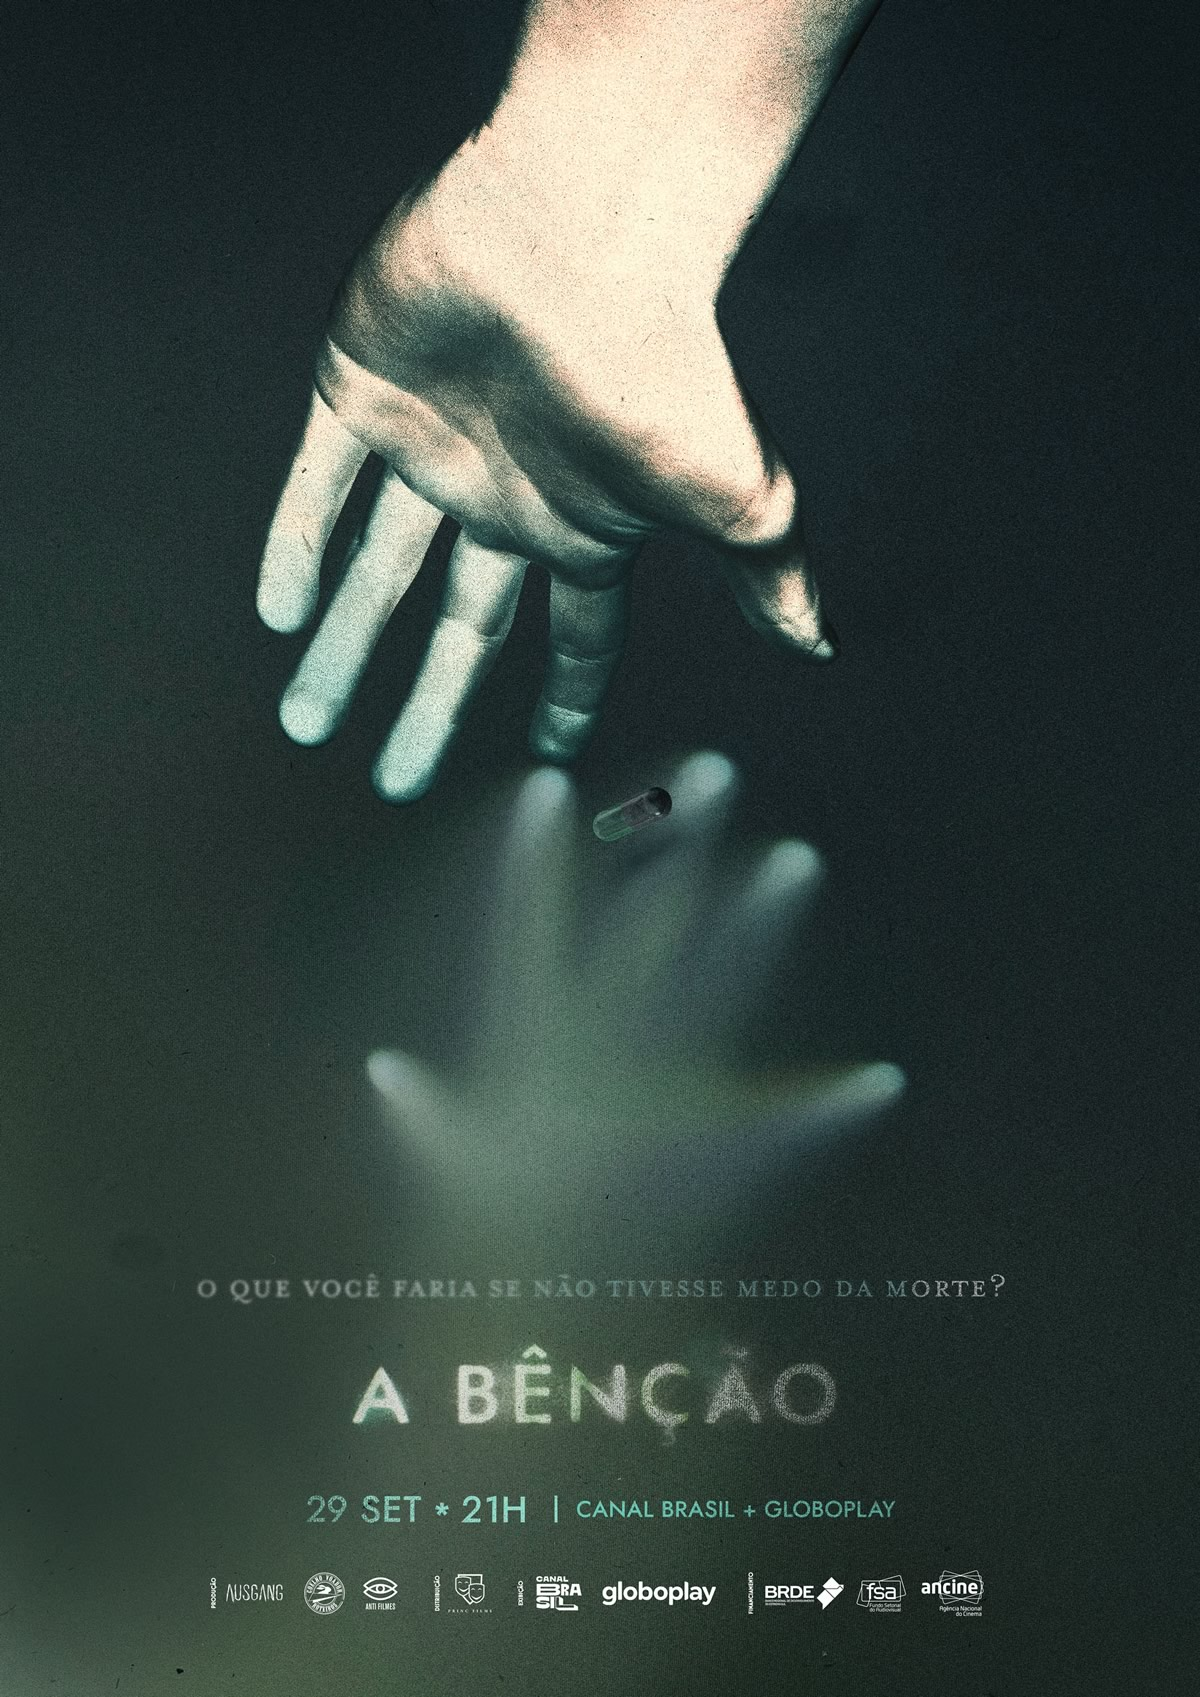 a bencao serie original estreia no canal brasil leo lage - A Bênção   Série original estreia no Canal Brasil